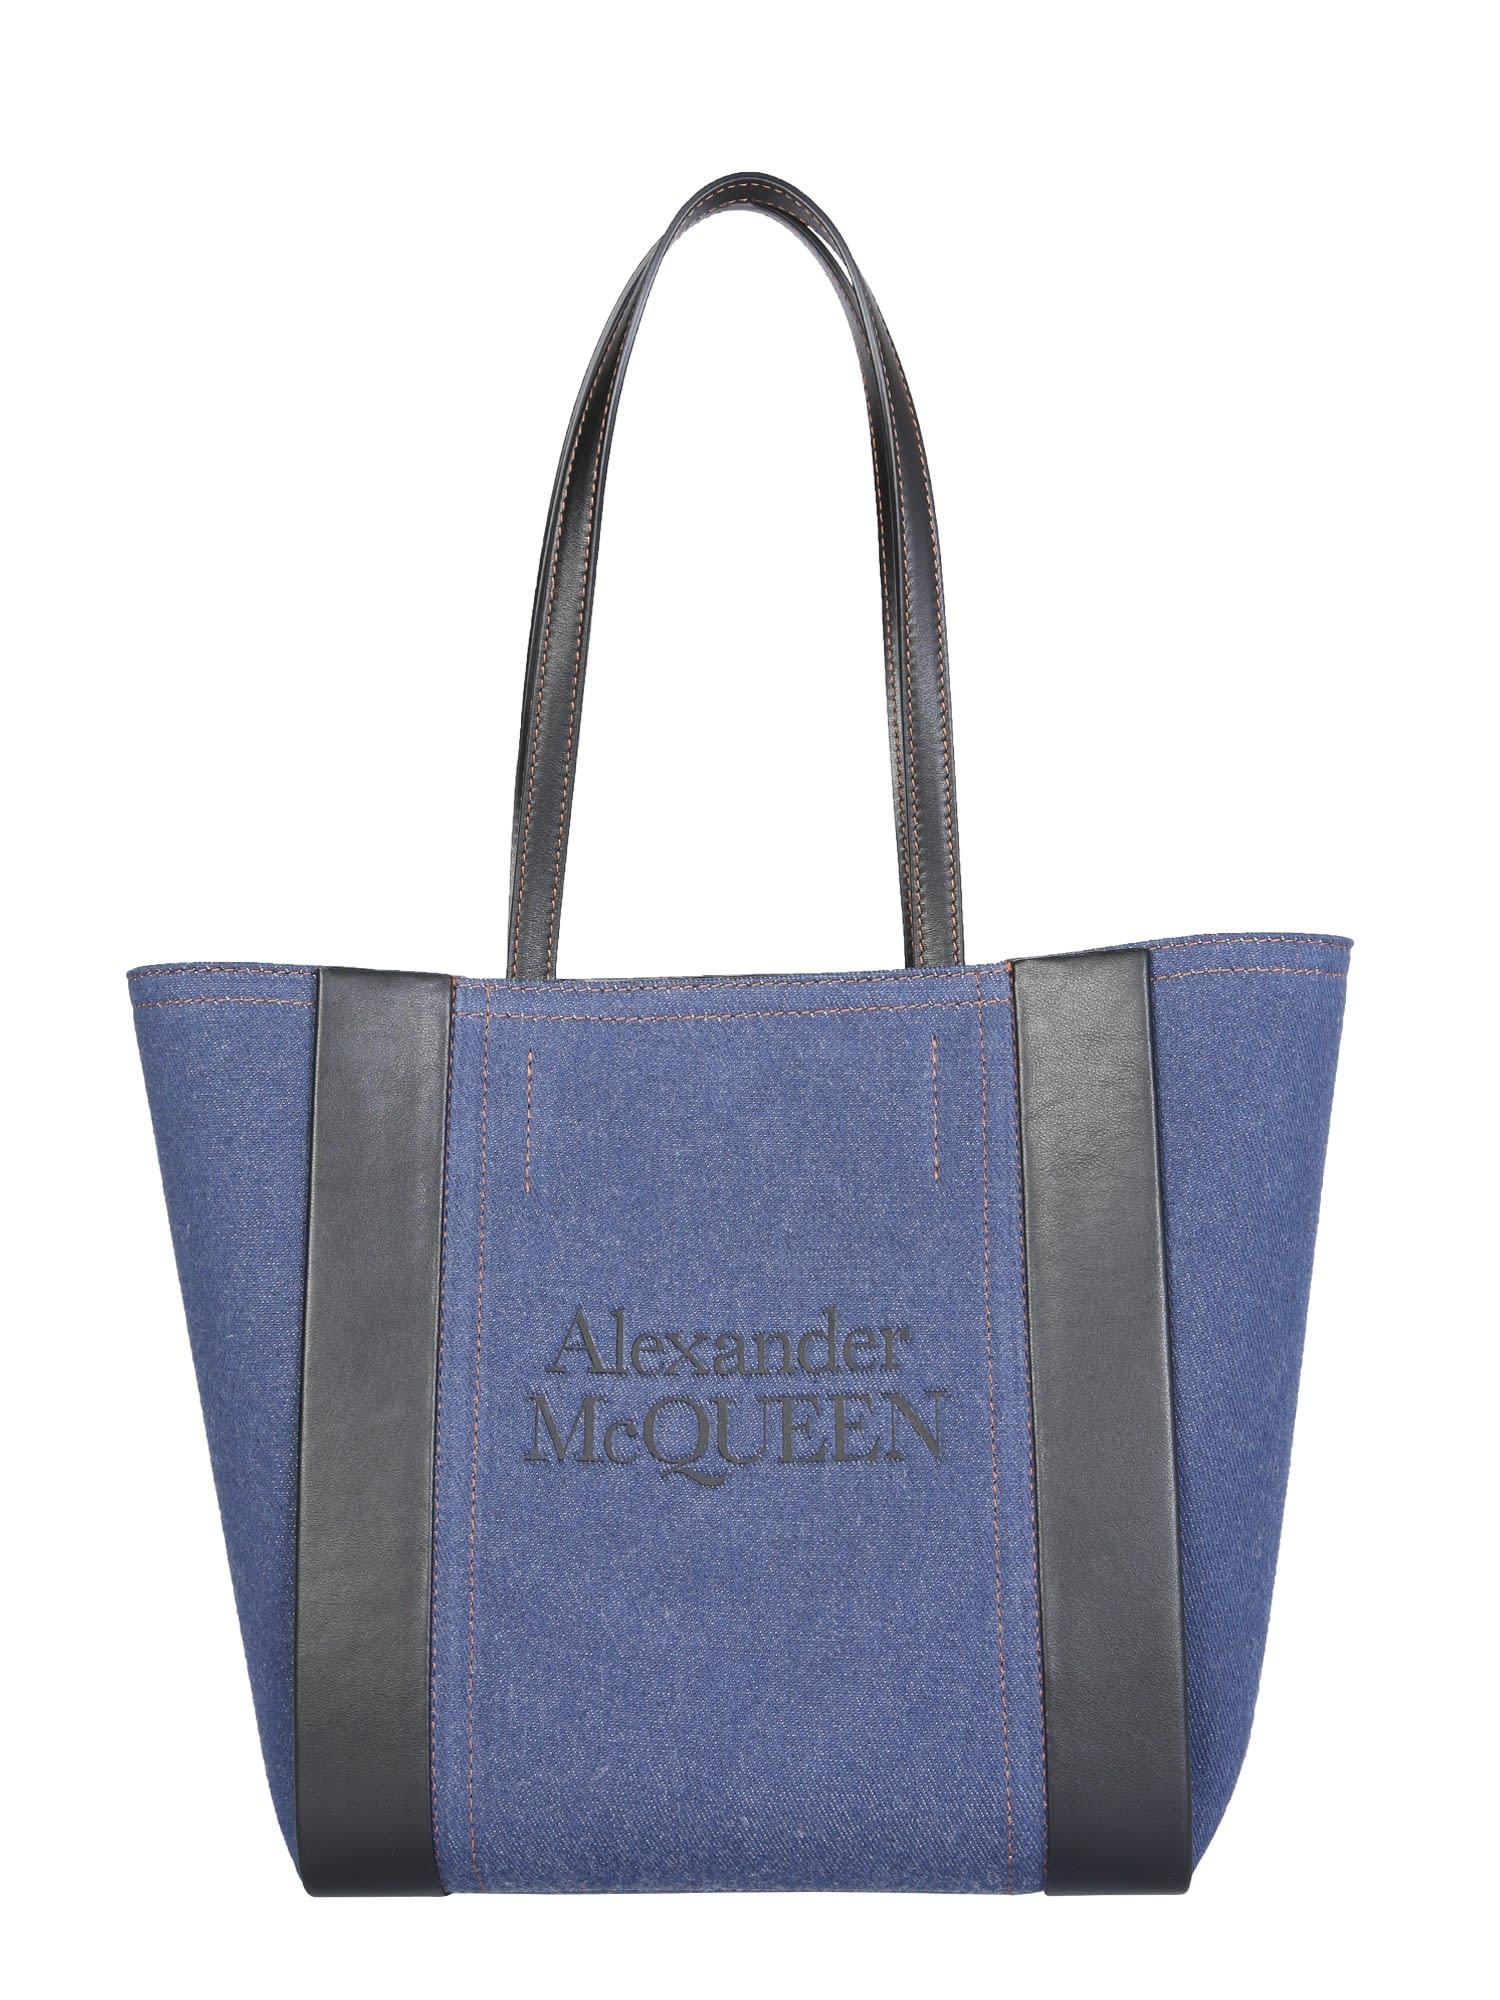 Alexander Mcqueen Totes SMALL SIGNATURE SHOPPING BAG